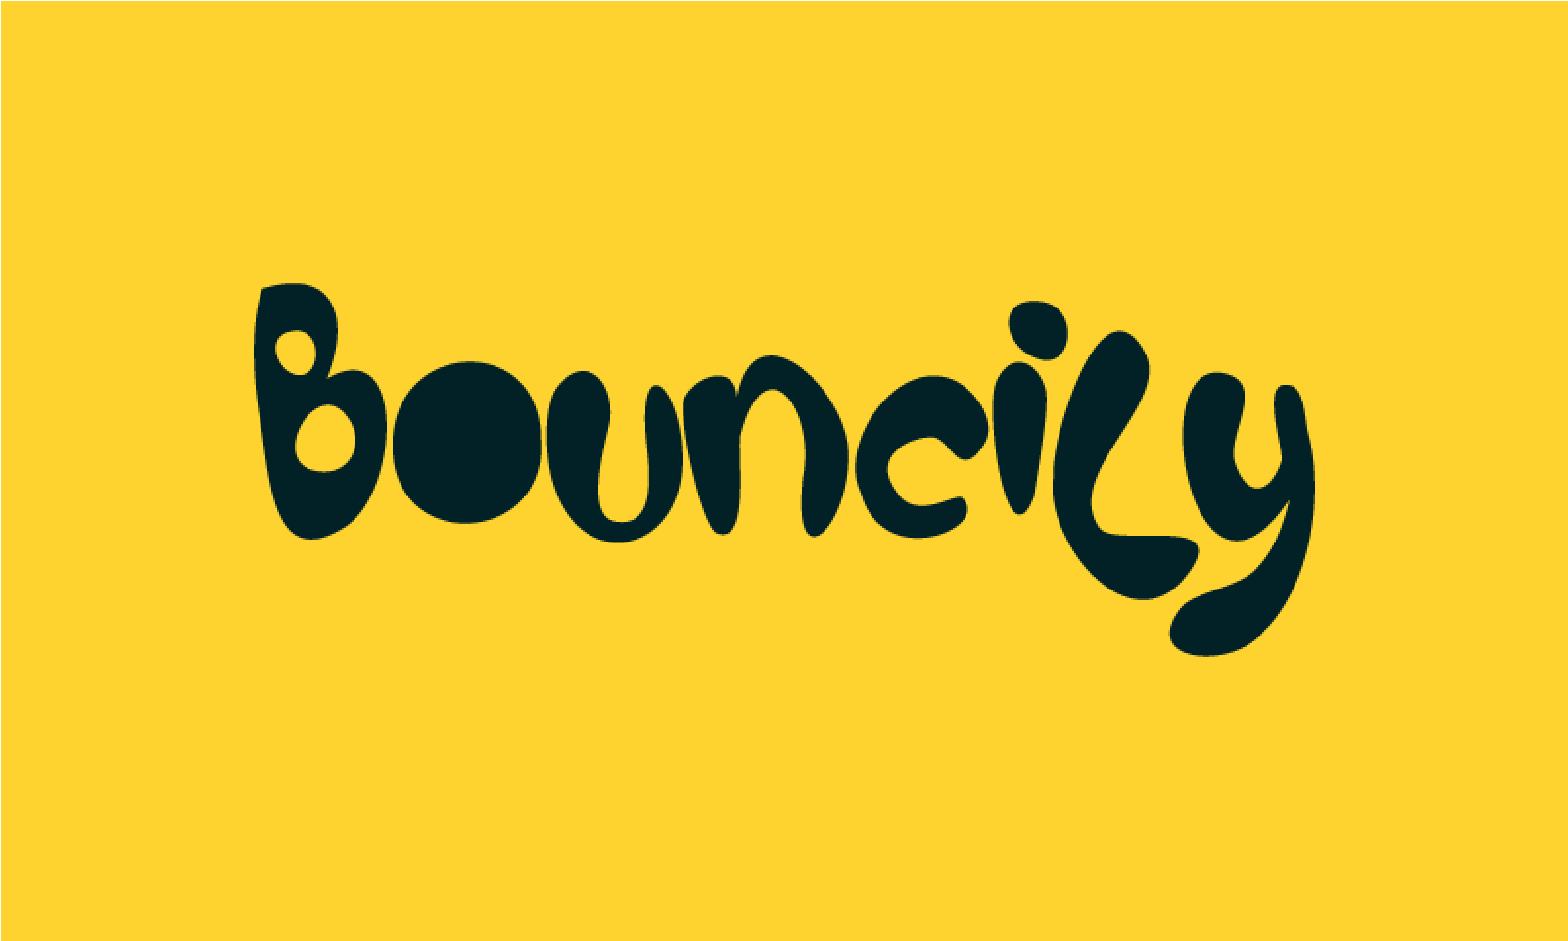 Bouncily.com